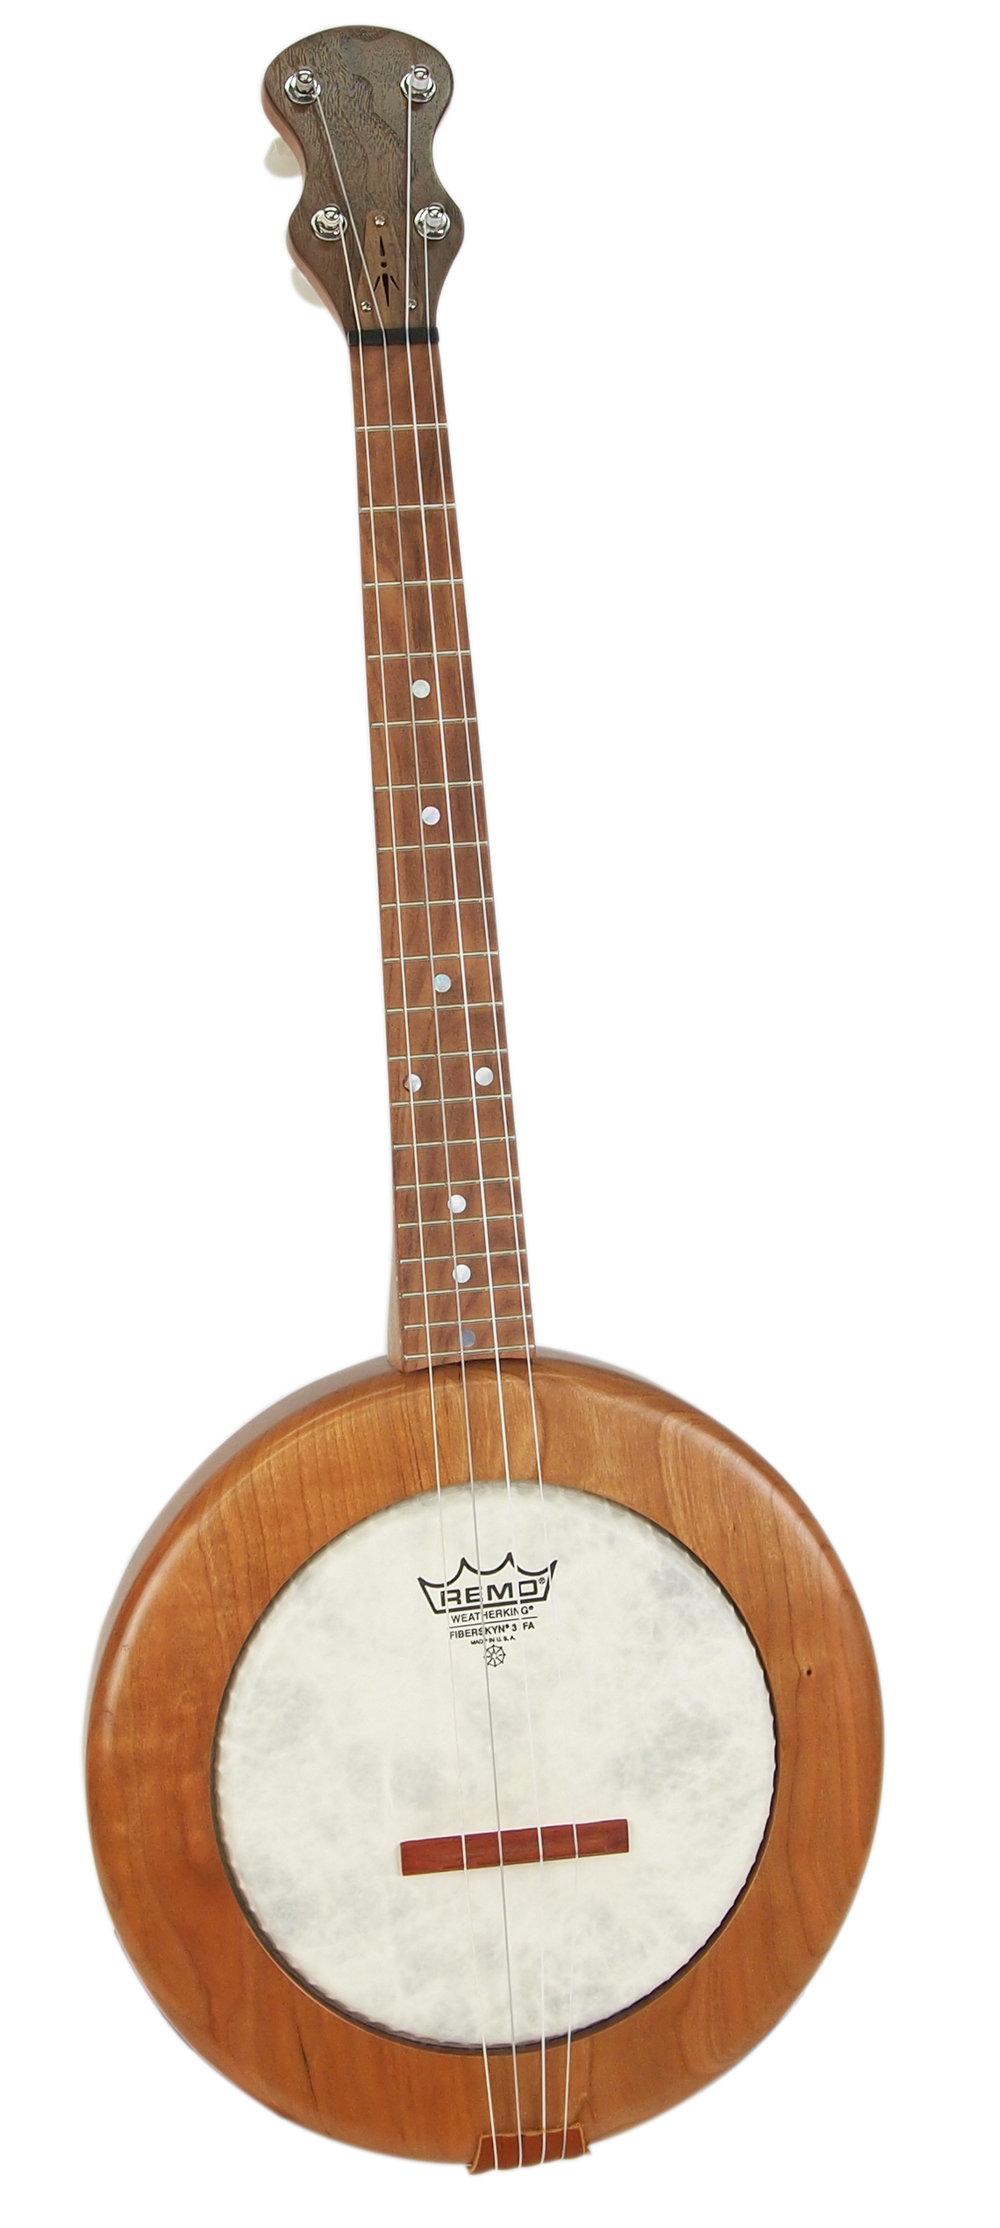 4-String Banjo ($299)